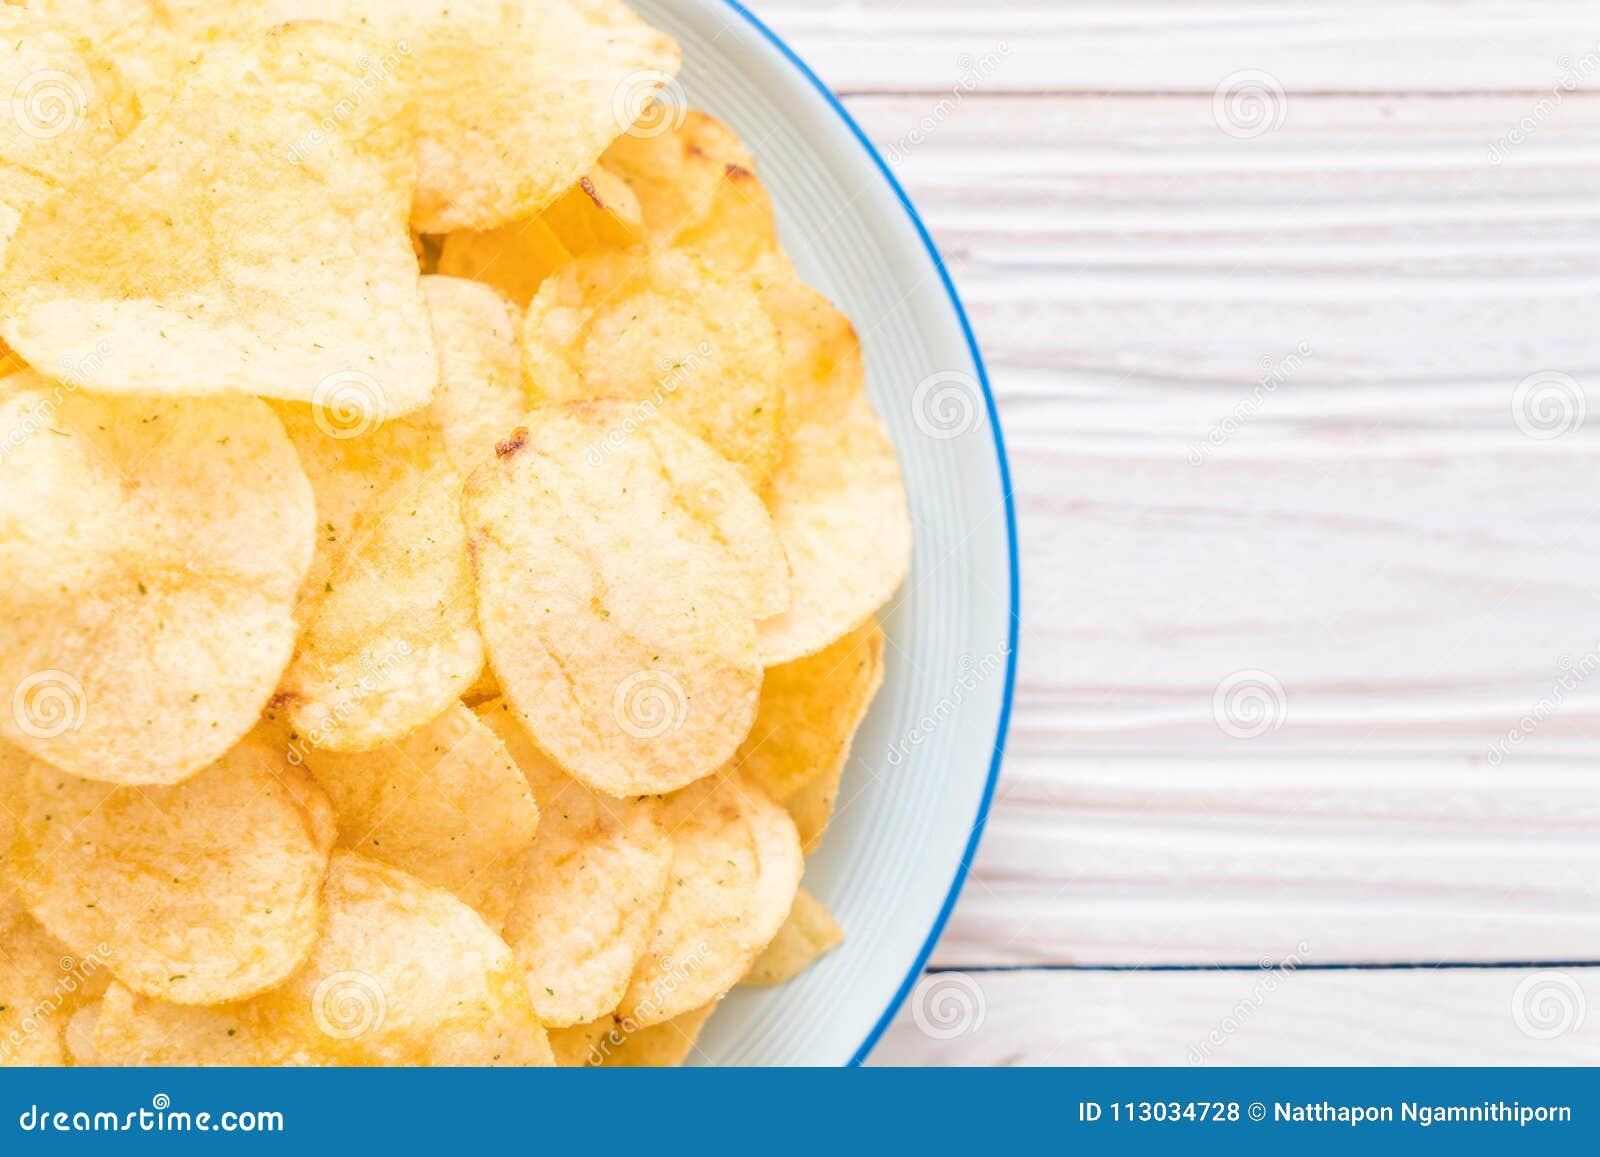 Patatas fritas en la placa